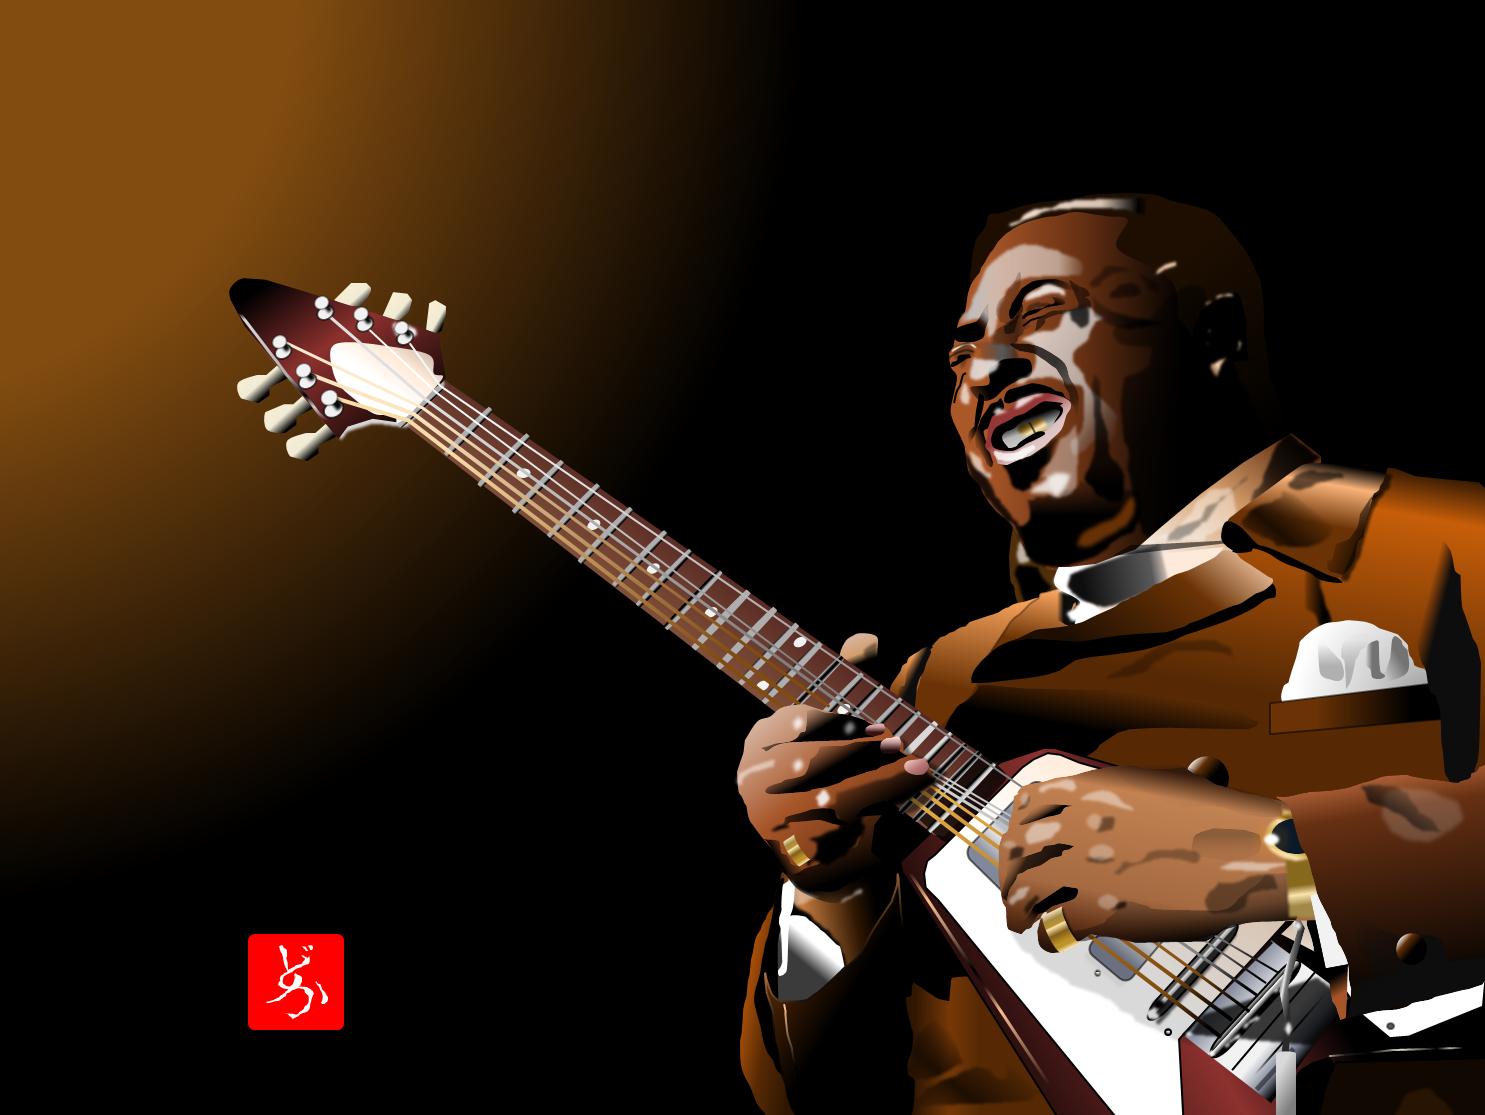 エクセル画でalbert King 2020 ブルース 音楽 イラスト ジミヘン